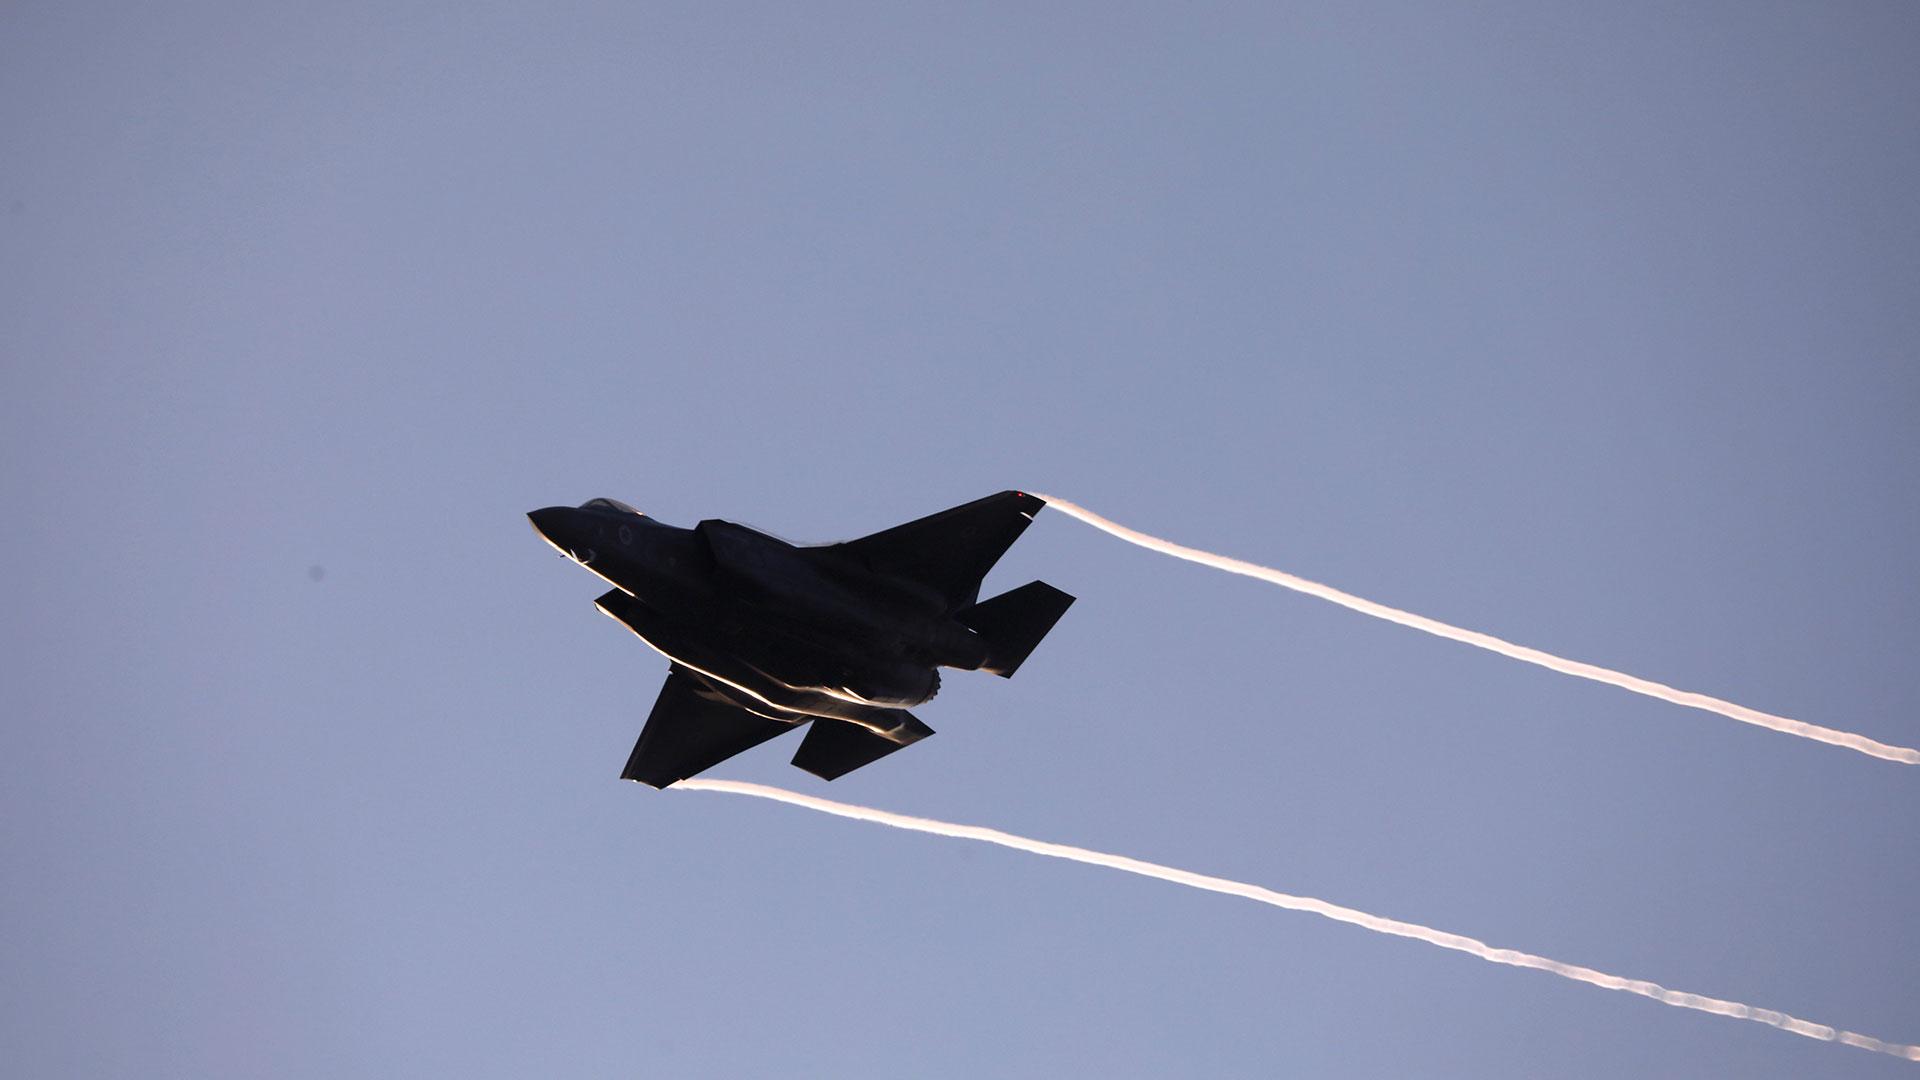 Un Lockheed Martin F-35 Lightning II, el avión más avanzado de los arsenales de Estados Unidos y vendido también a Israel (Reuters)